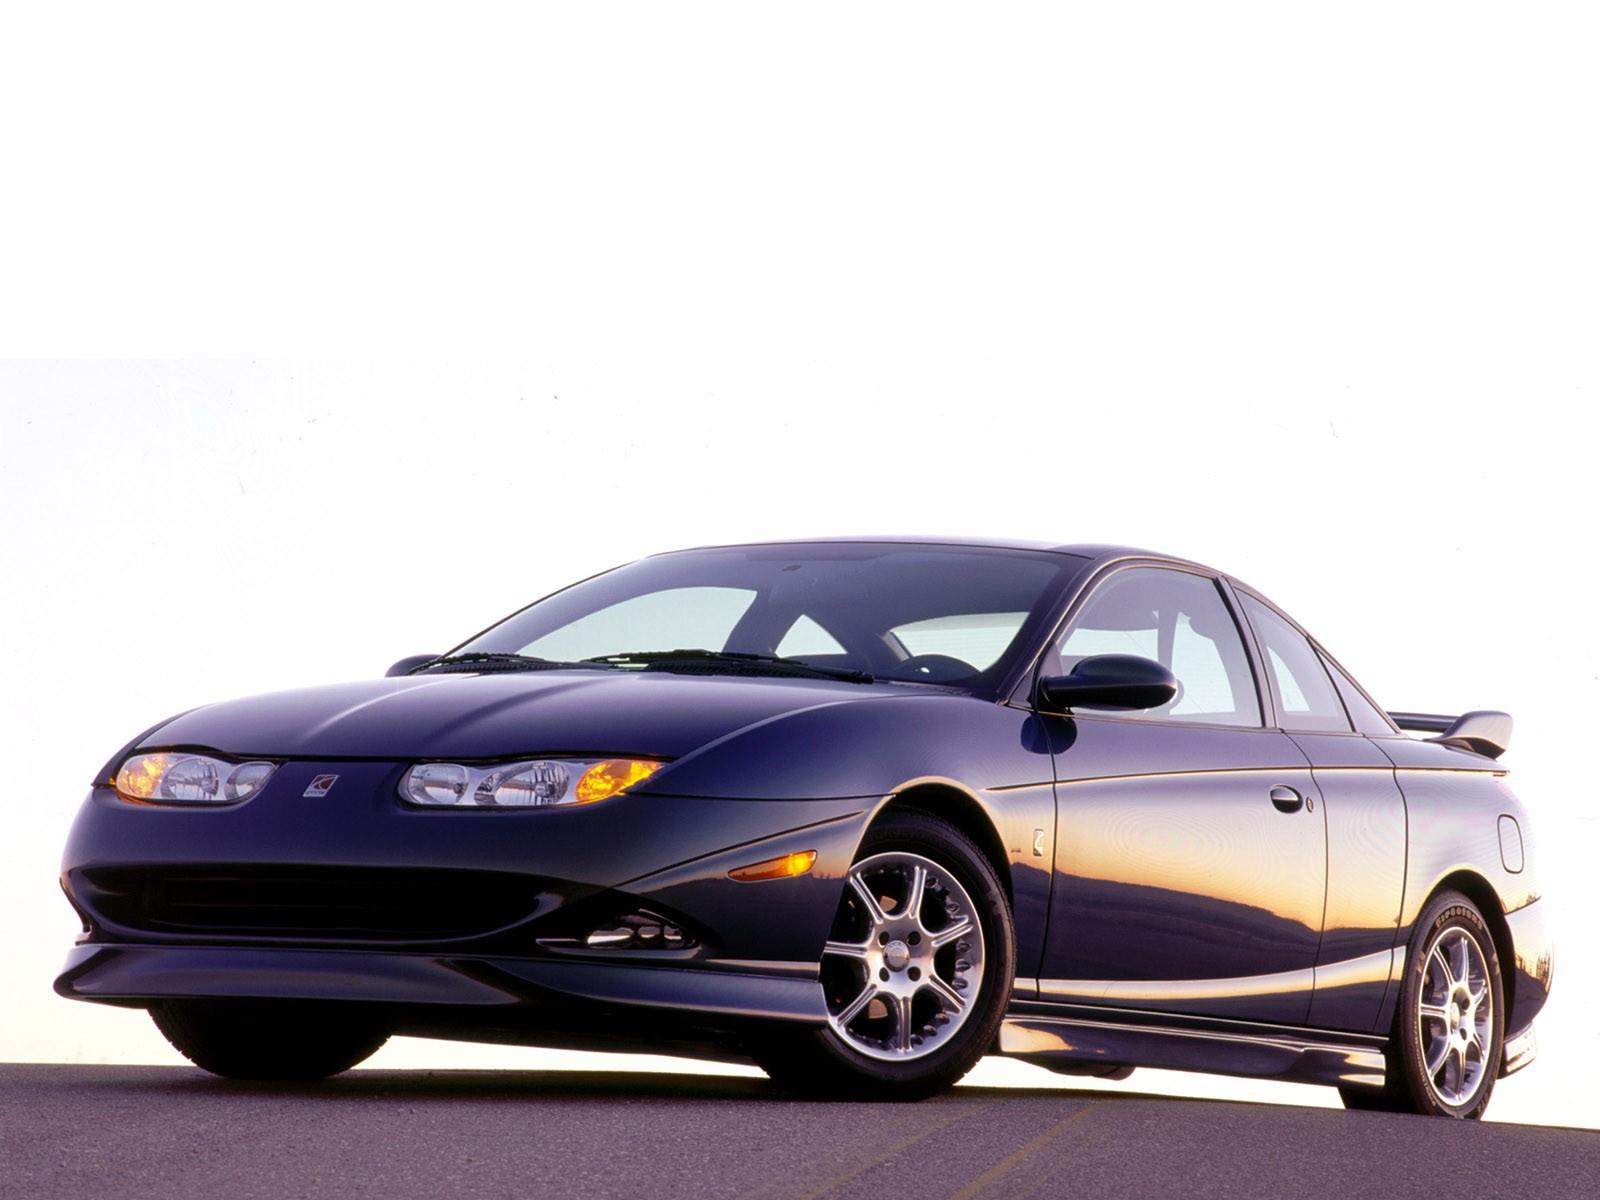 2001 Saturn SC2 Concept